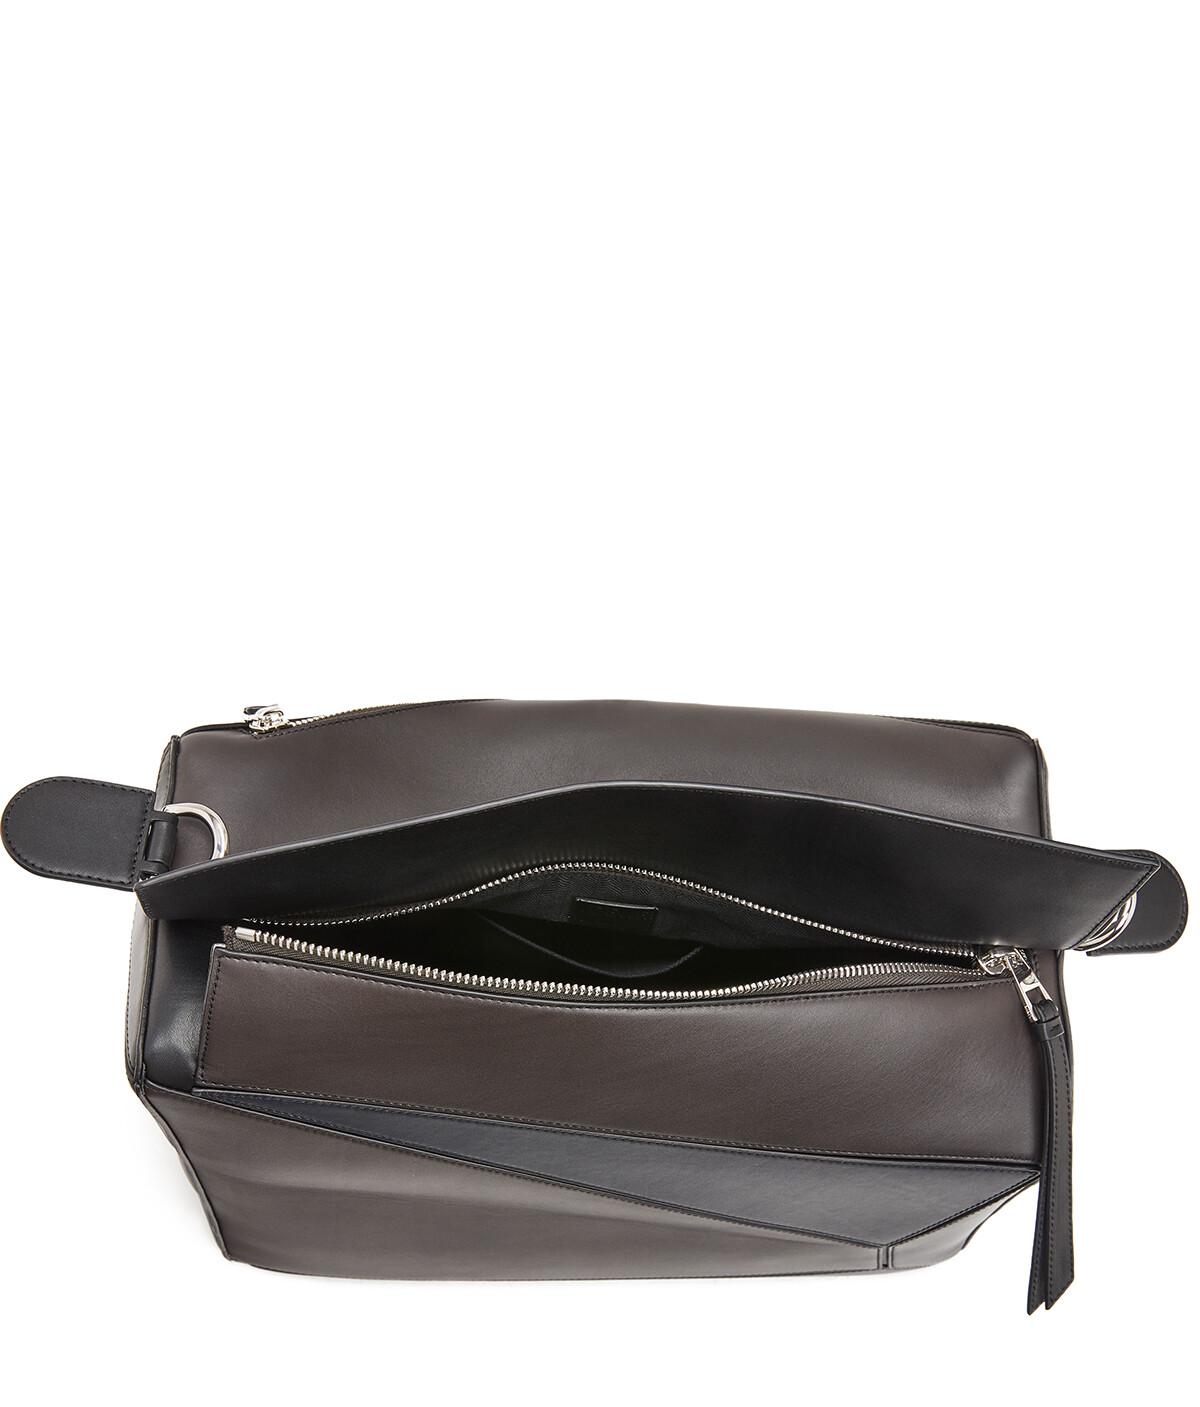 LOEWE Puzzle Xl Bag Carbon/Deep Blue front